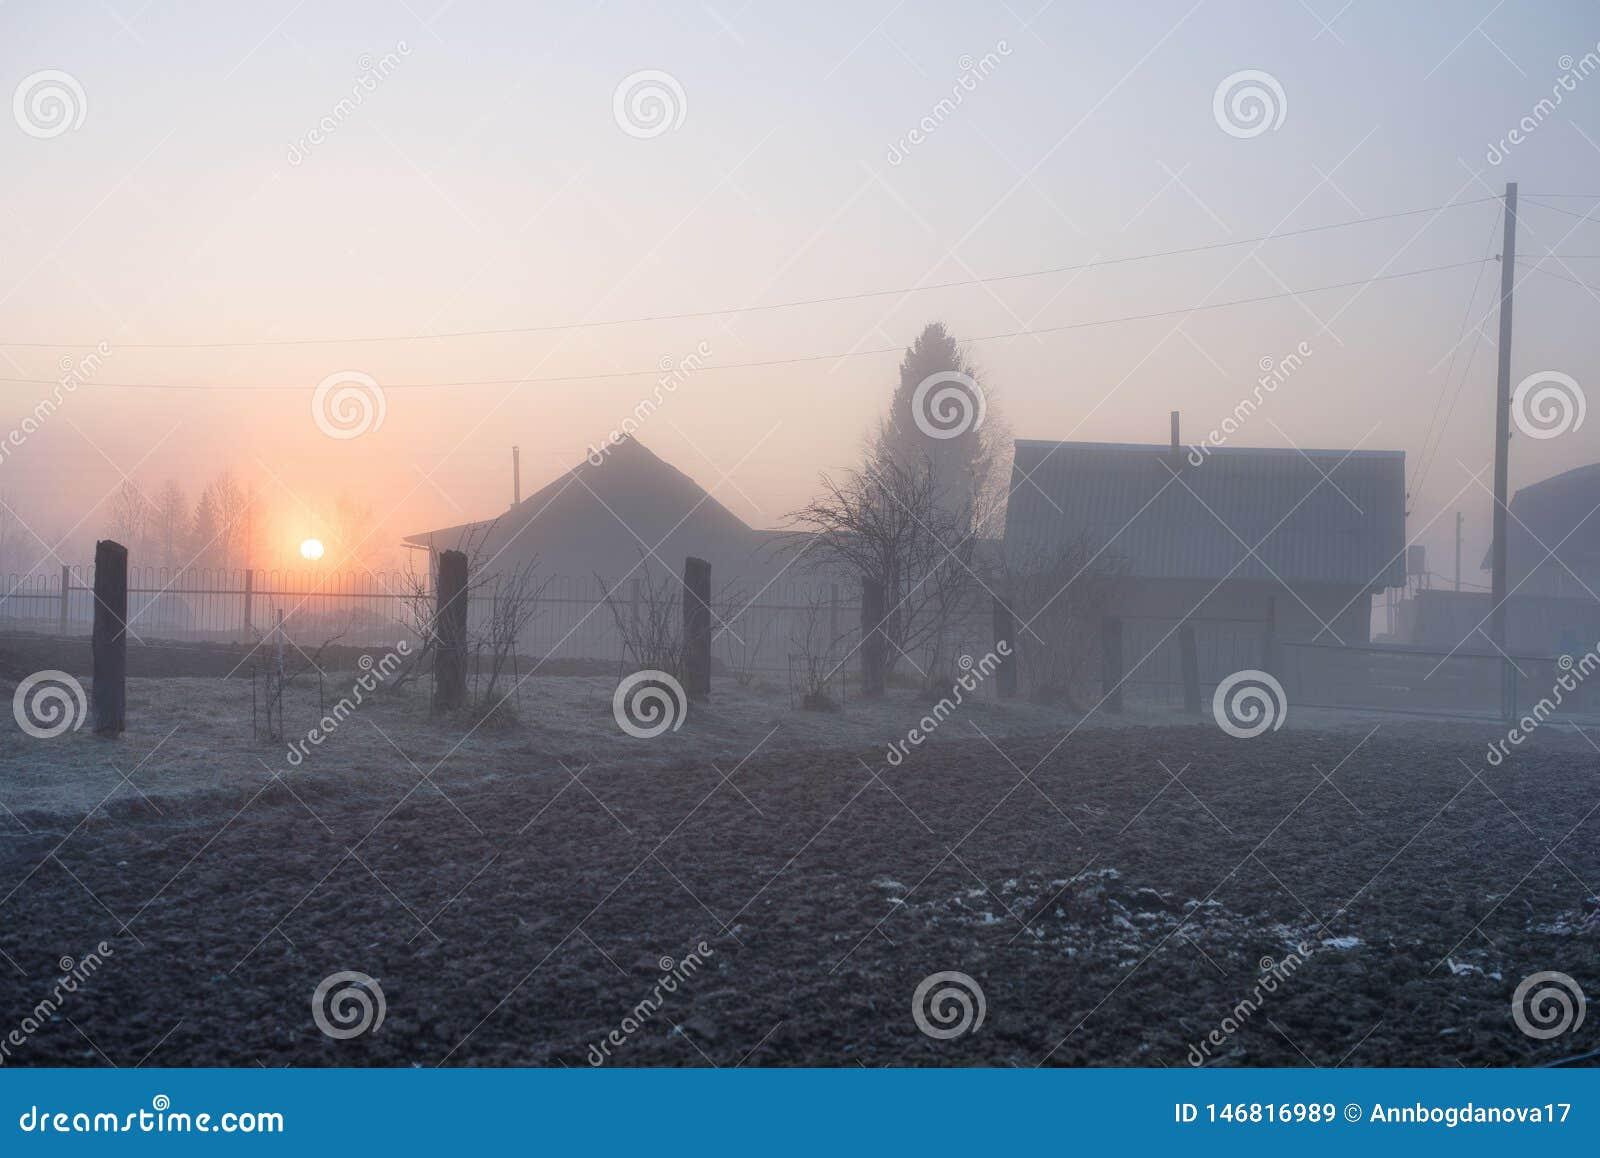 Mistige ochtend in het platteland